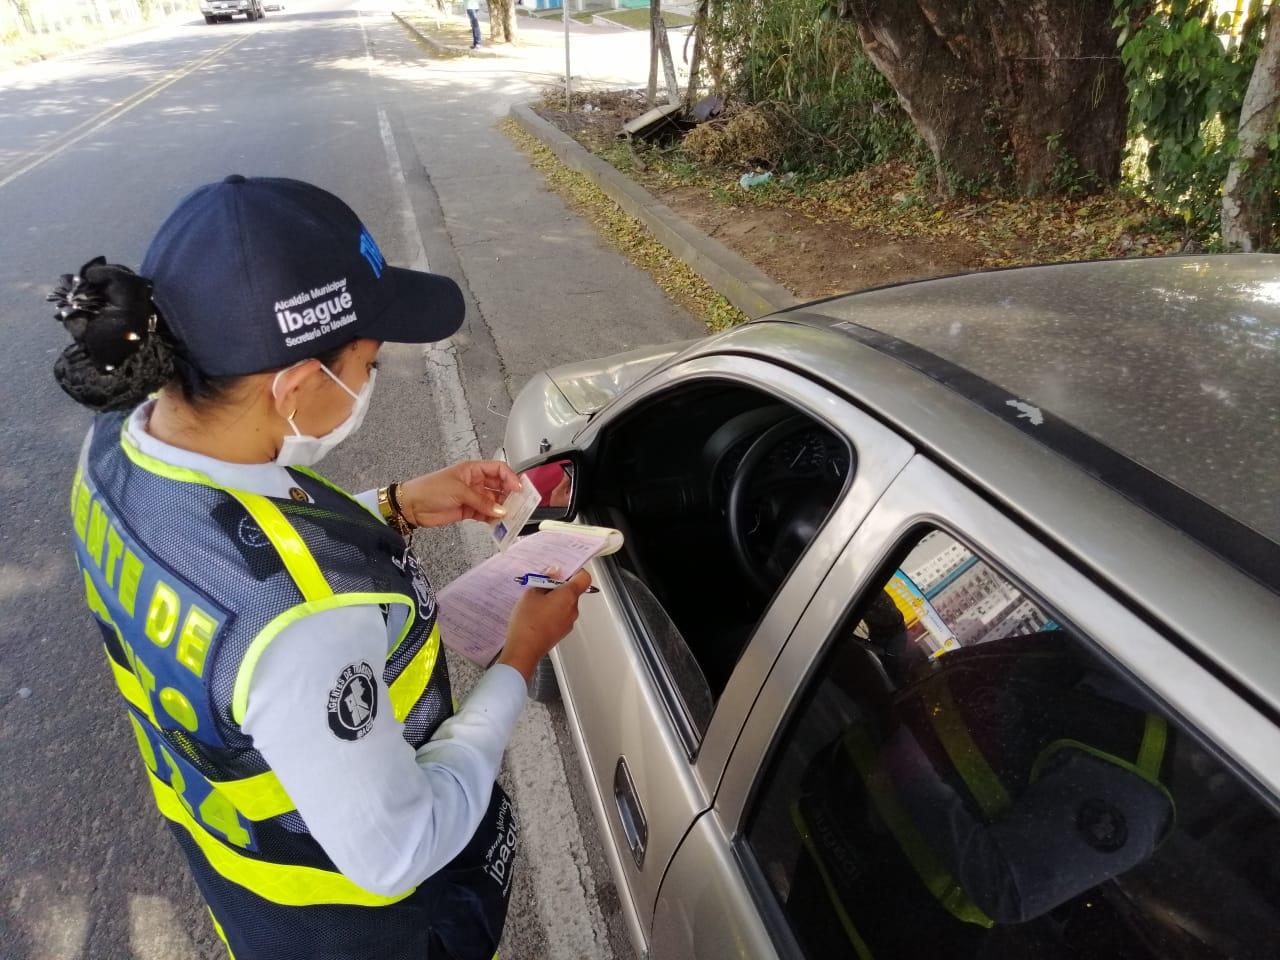 Más de 230 vehículos se han inmovilizado por transporte ilegal en Ibagué